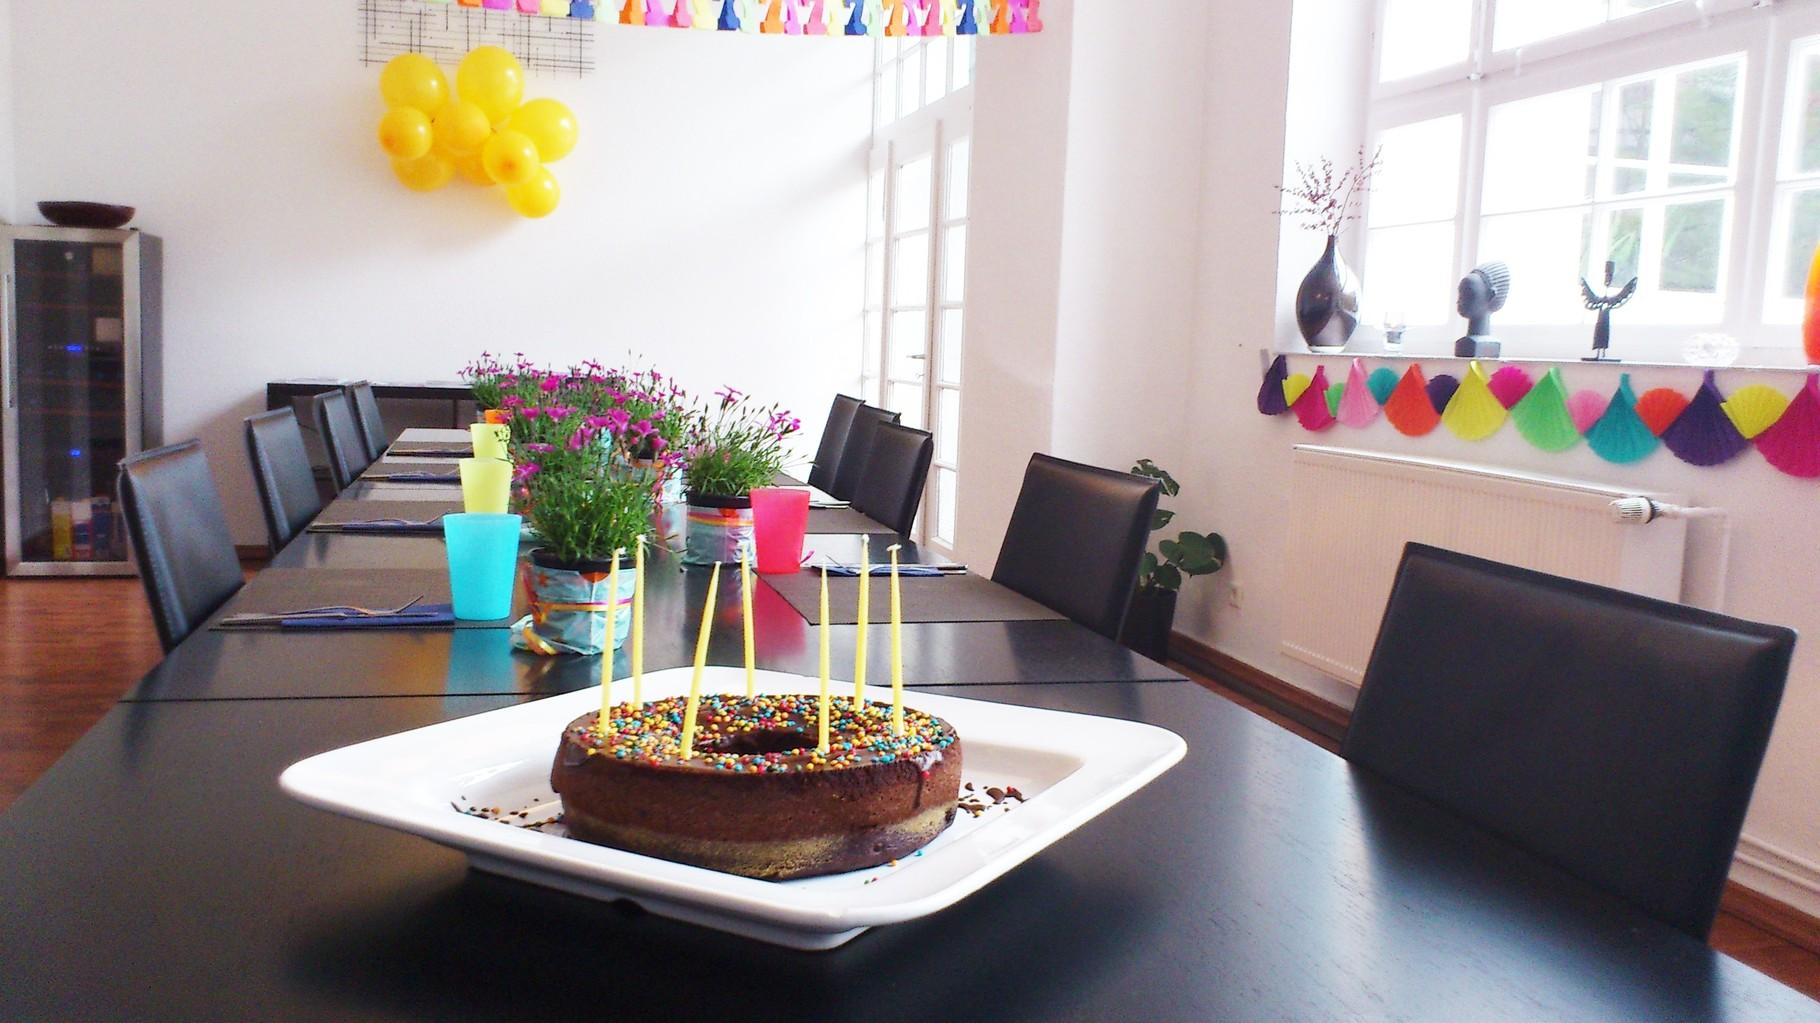 バースデーケーキもご自由にお持ち込み頂けます。またオプションで弊社の方でホールケーキもご用意可能です。